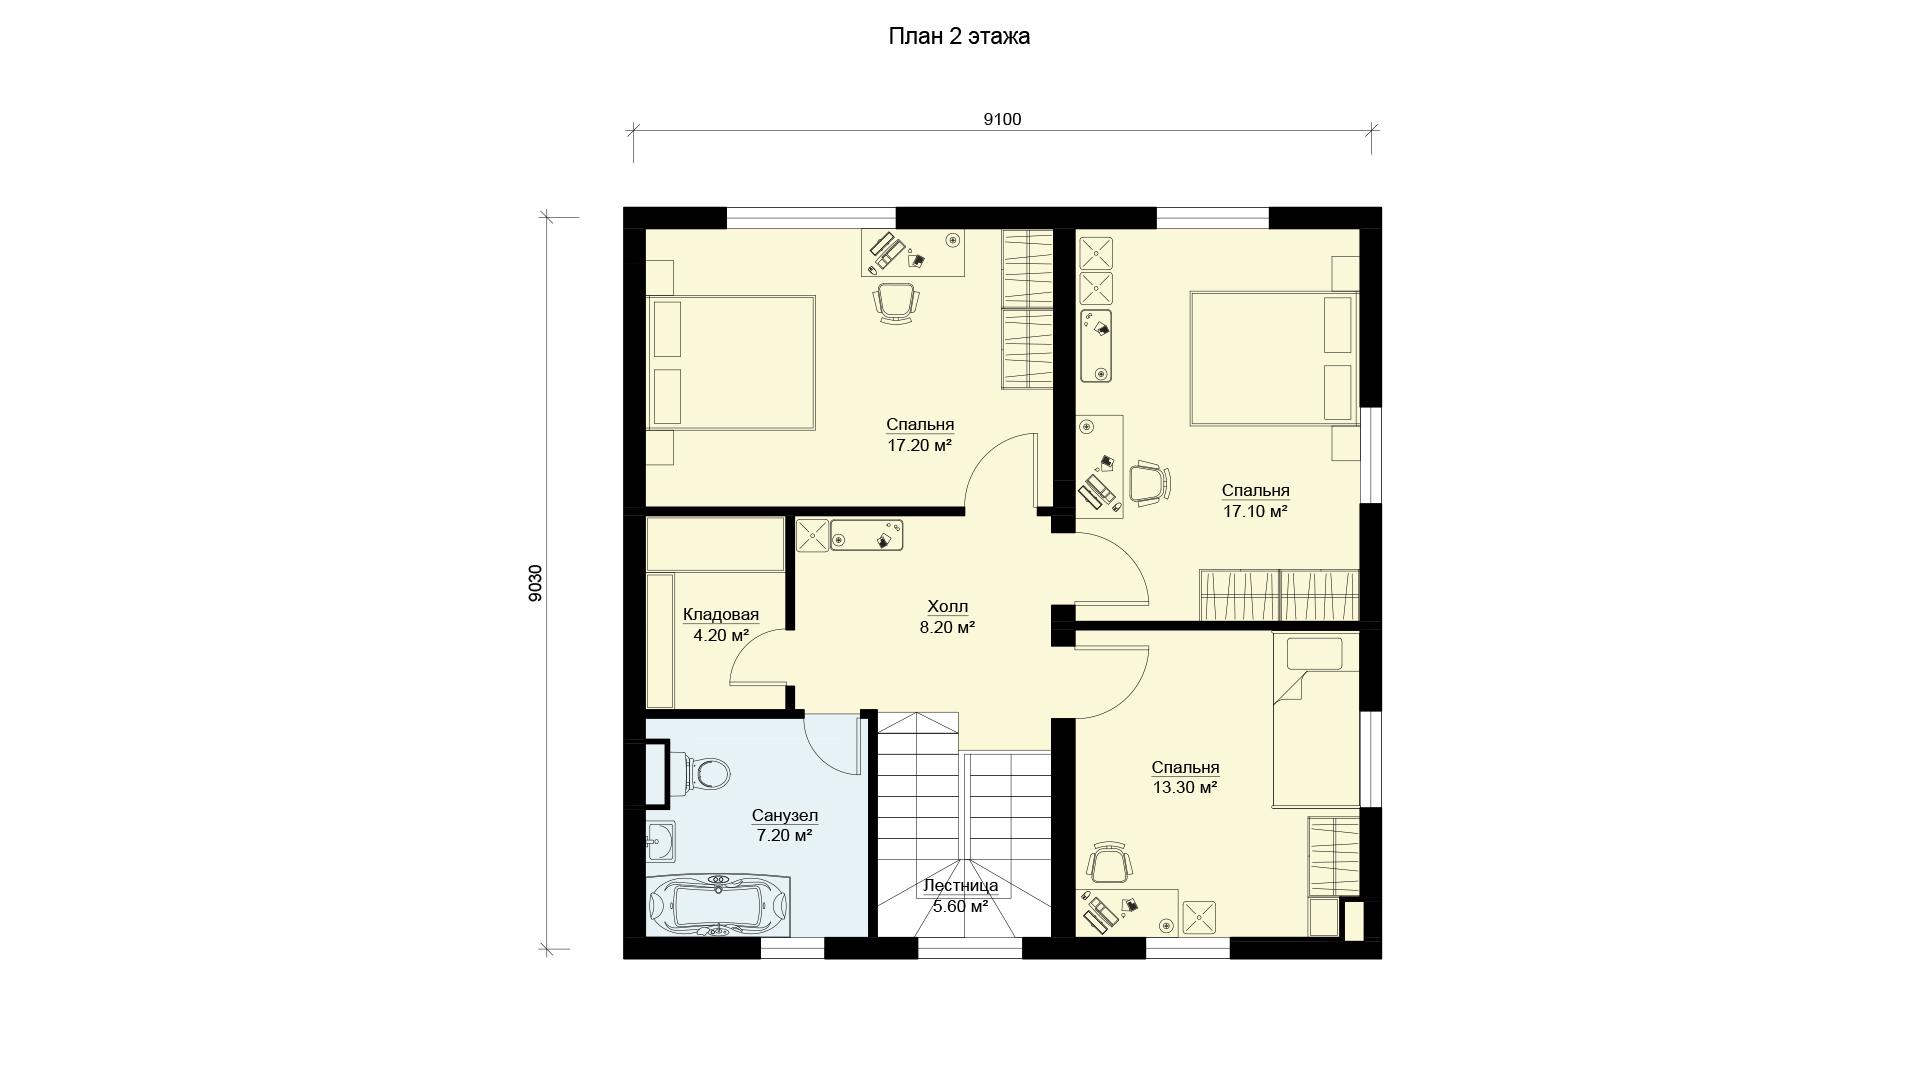 План второго этажа двухэтажного загородного дома, проект БЭНПАН МС-152.